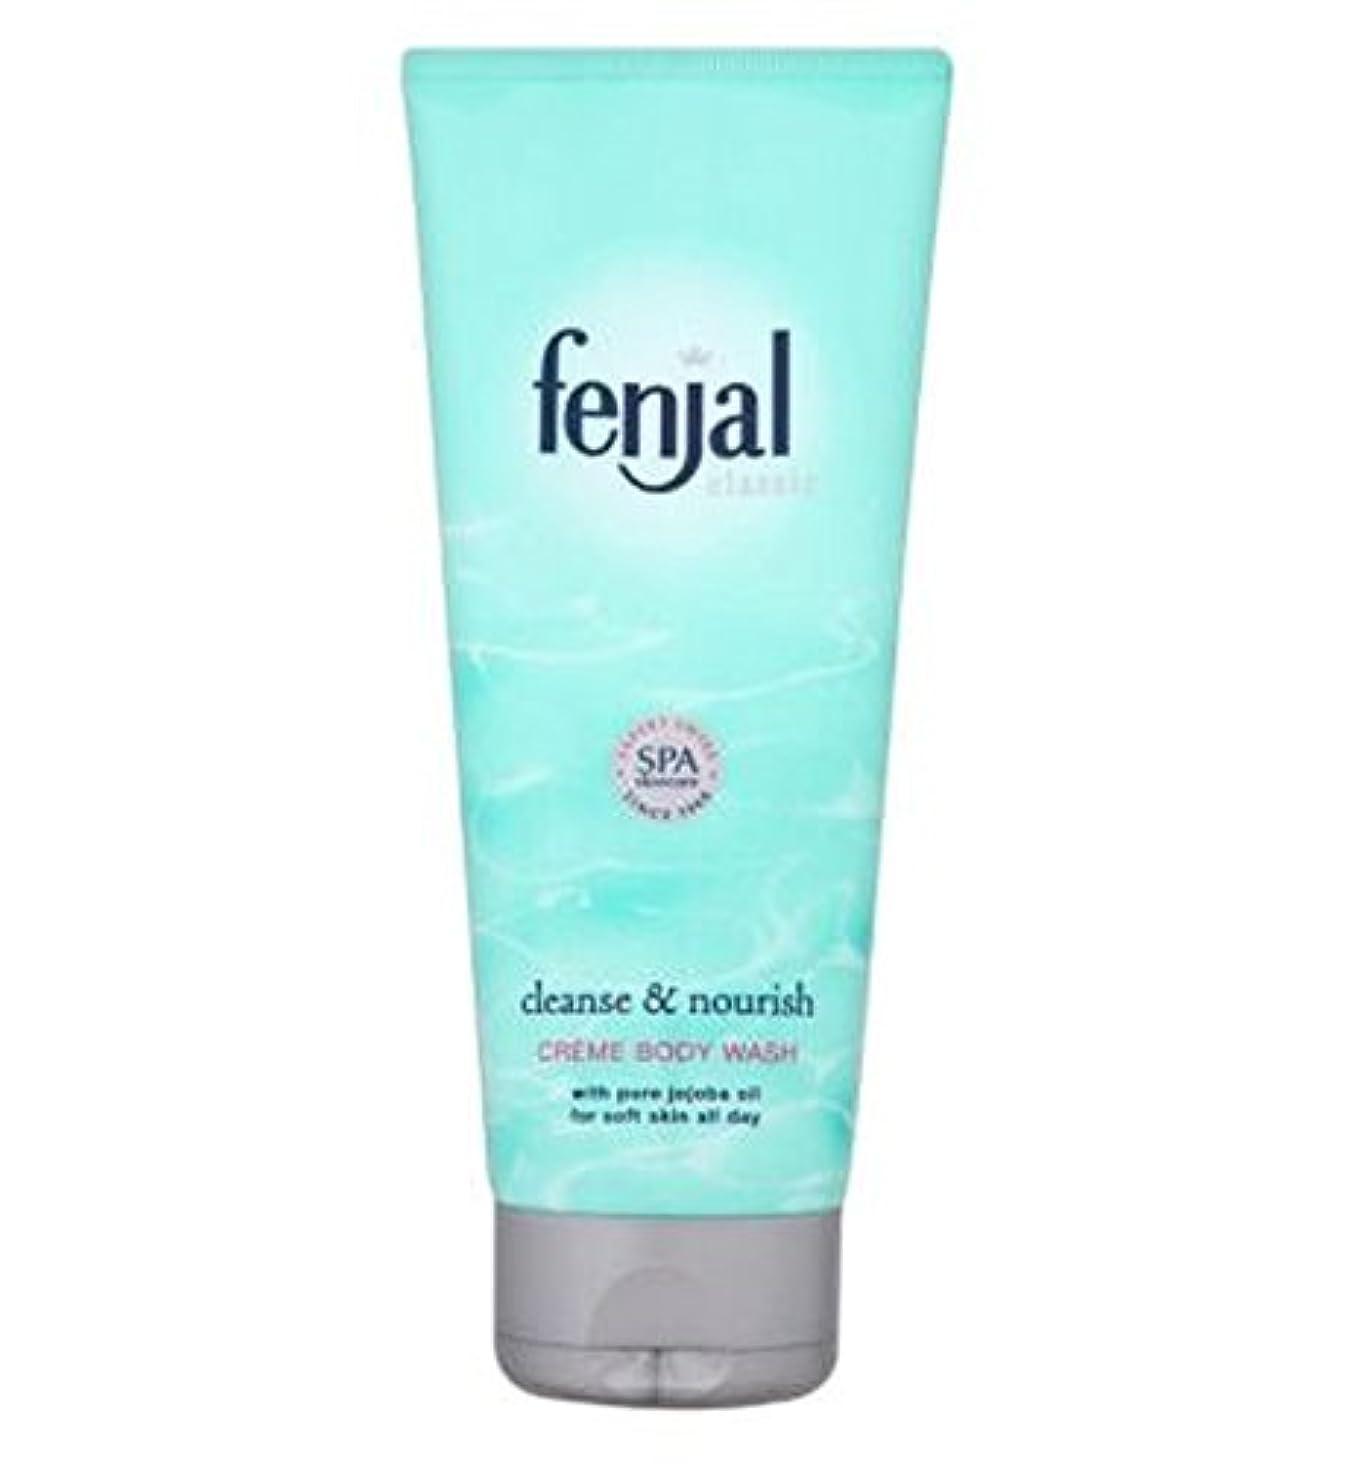 すごいスラダム無臭Fenjal古典的な高級クリームオイルボディウォッシュ (Fenjal) (x2) - Fenjal Classic Luxury Creme Oil Body Wash (Pack of 2) [並行輸入品]